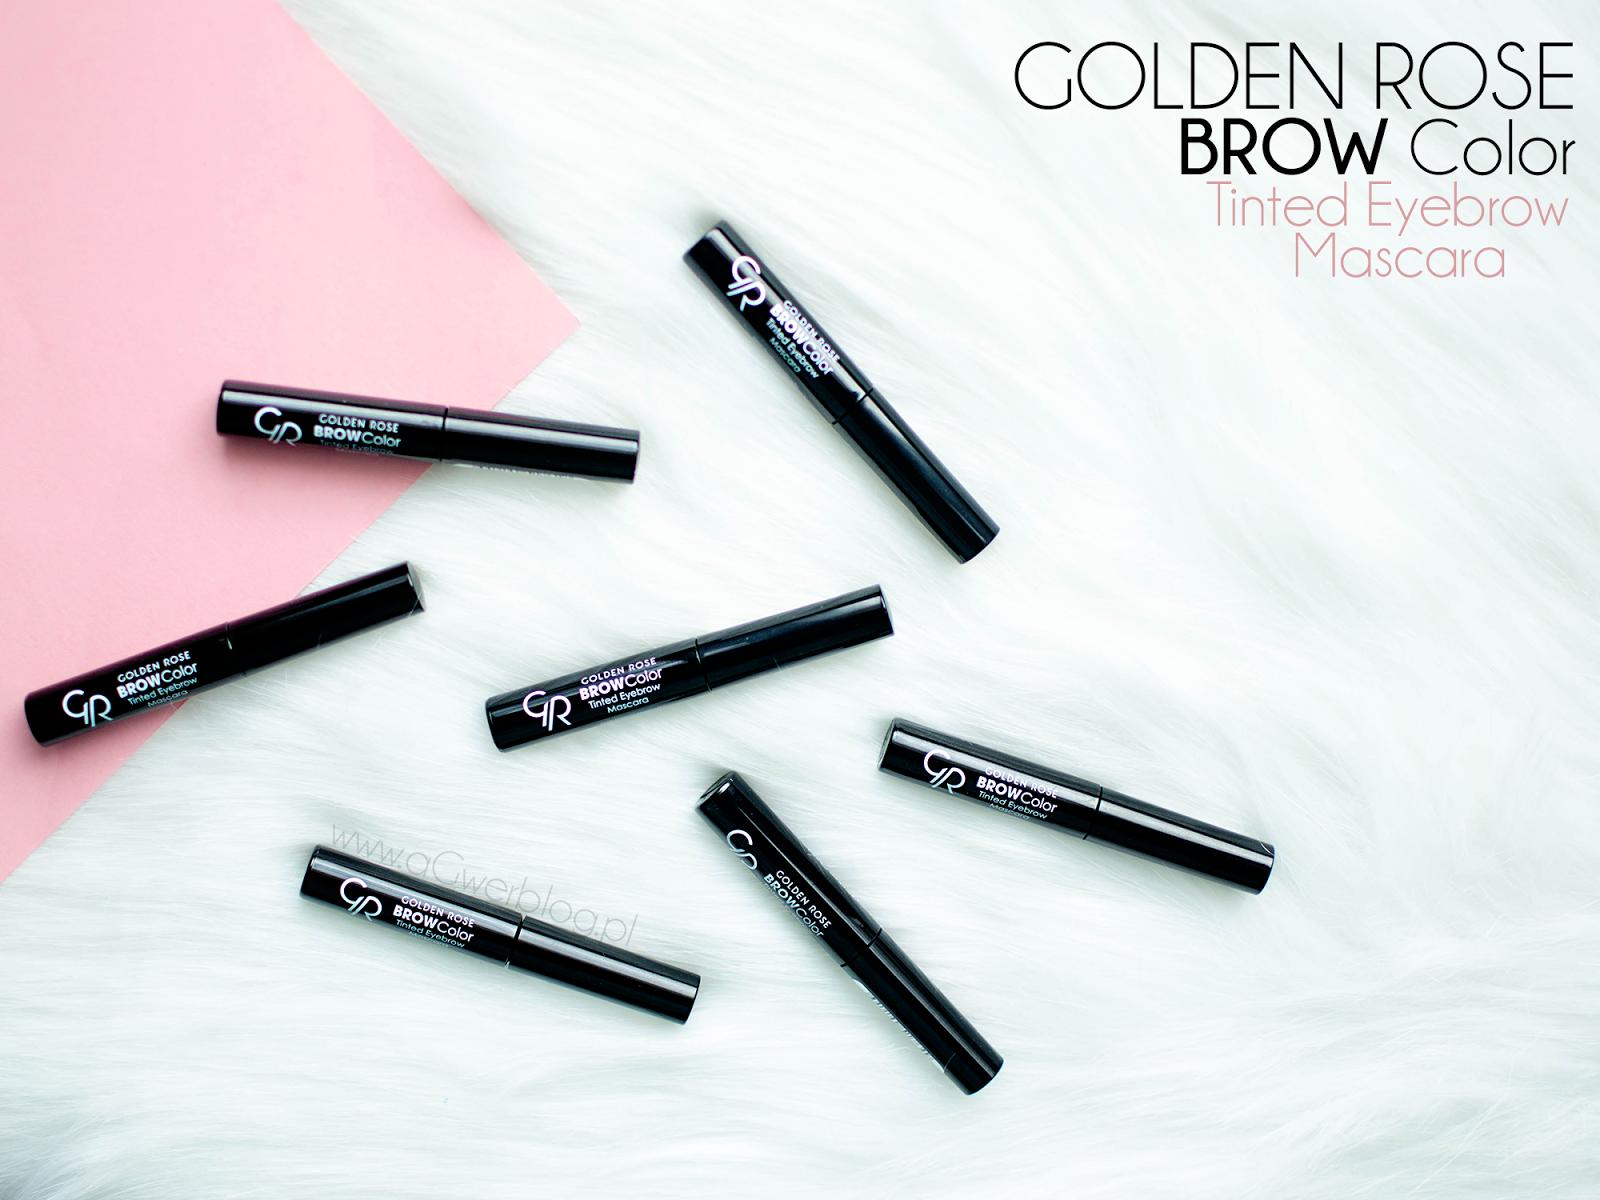 Makijaż brwi z Golden Rose | BROW Color Tinted Eyebrow Mascara